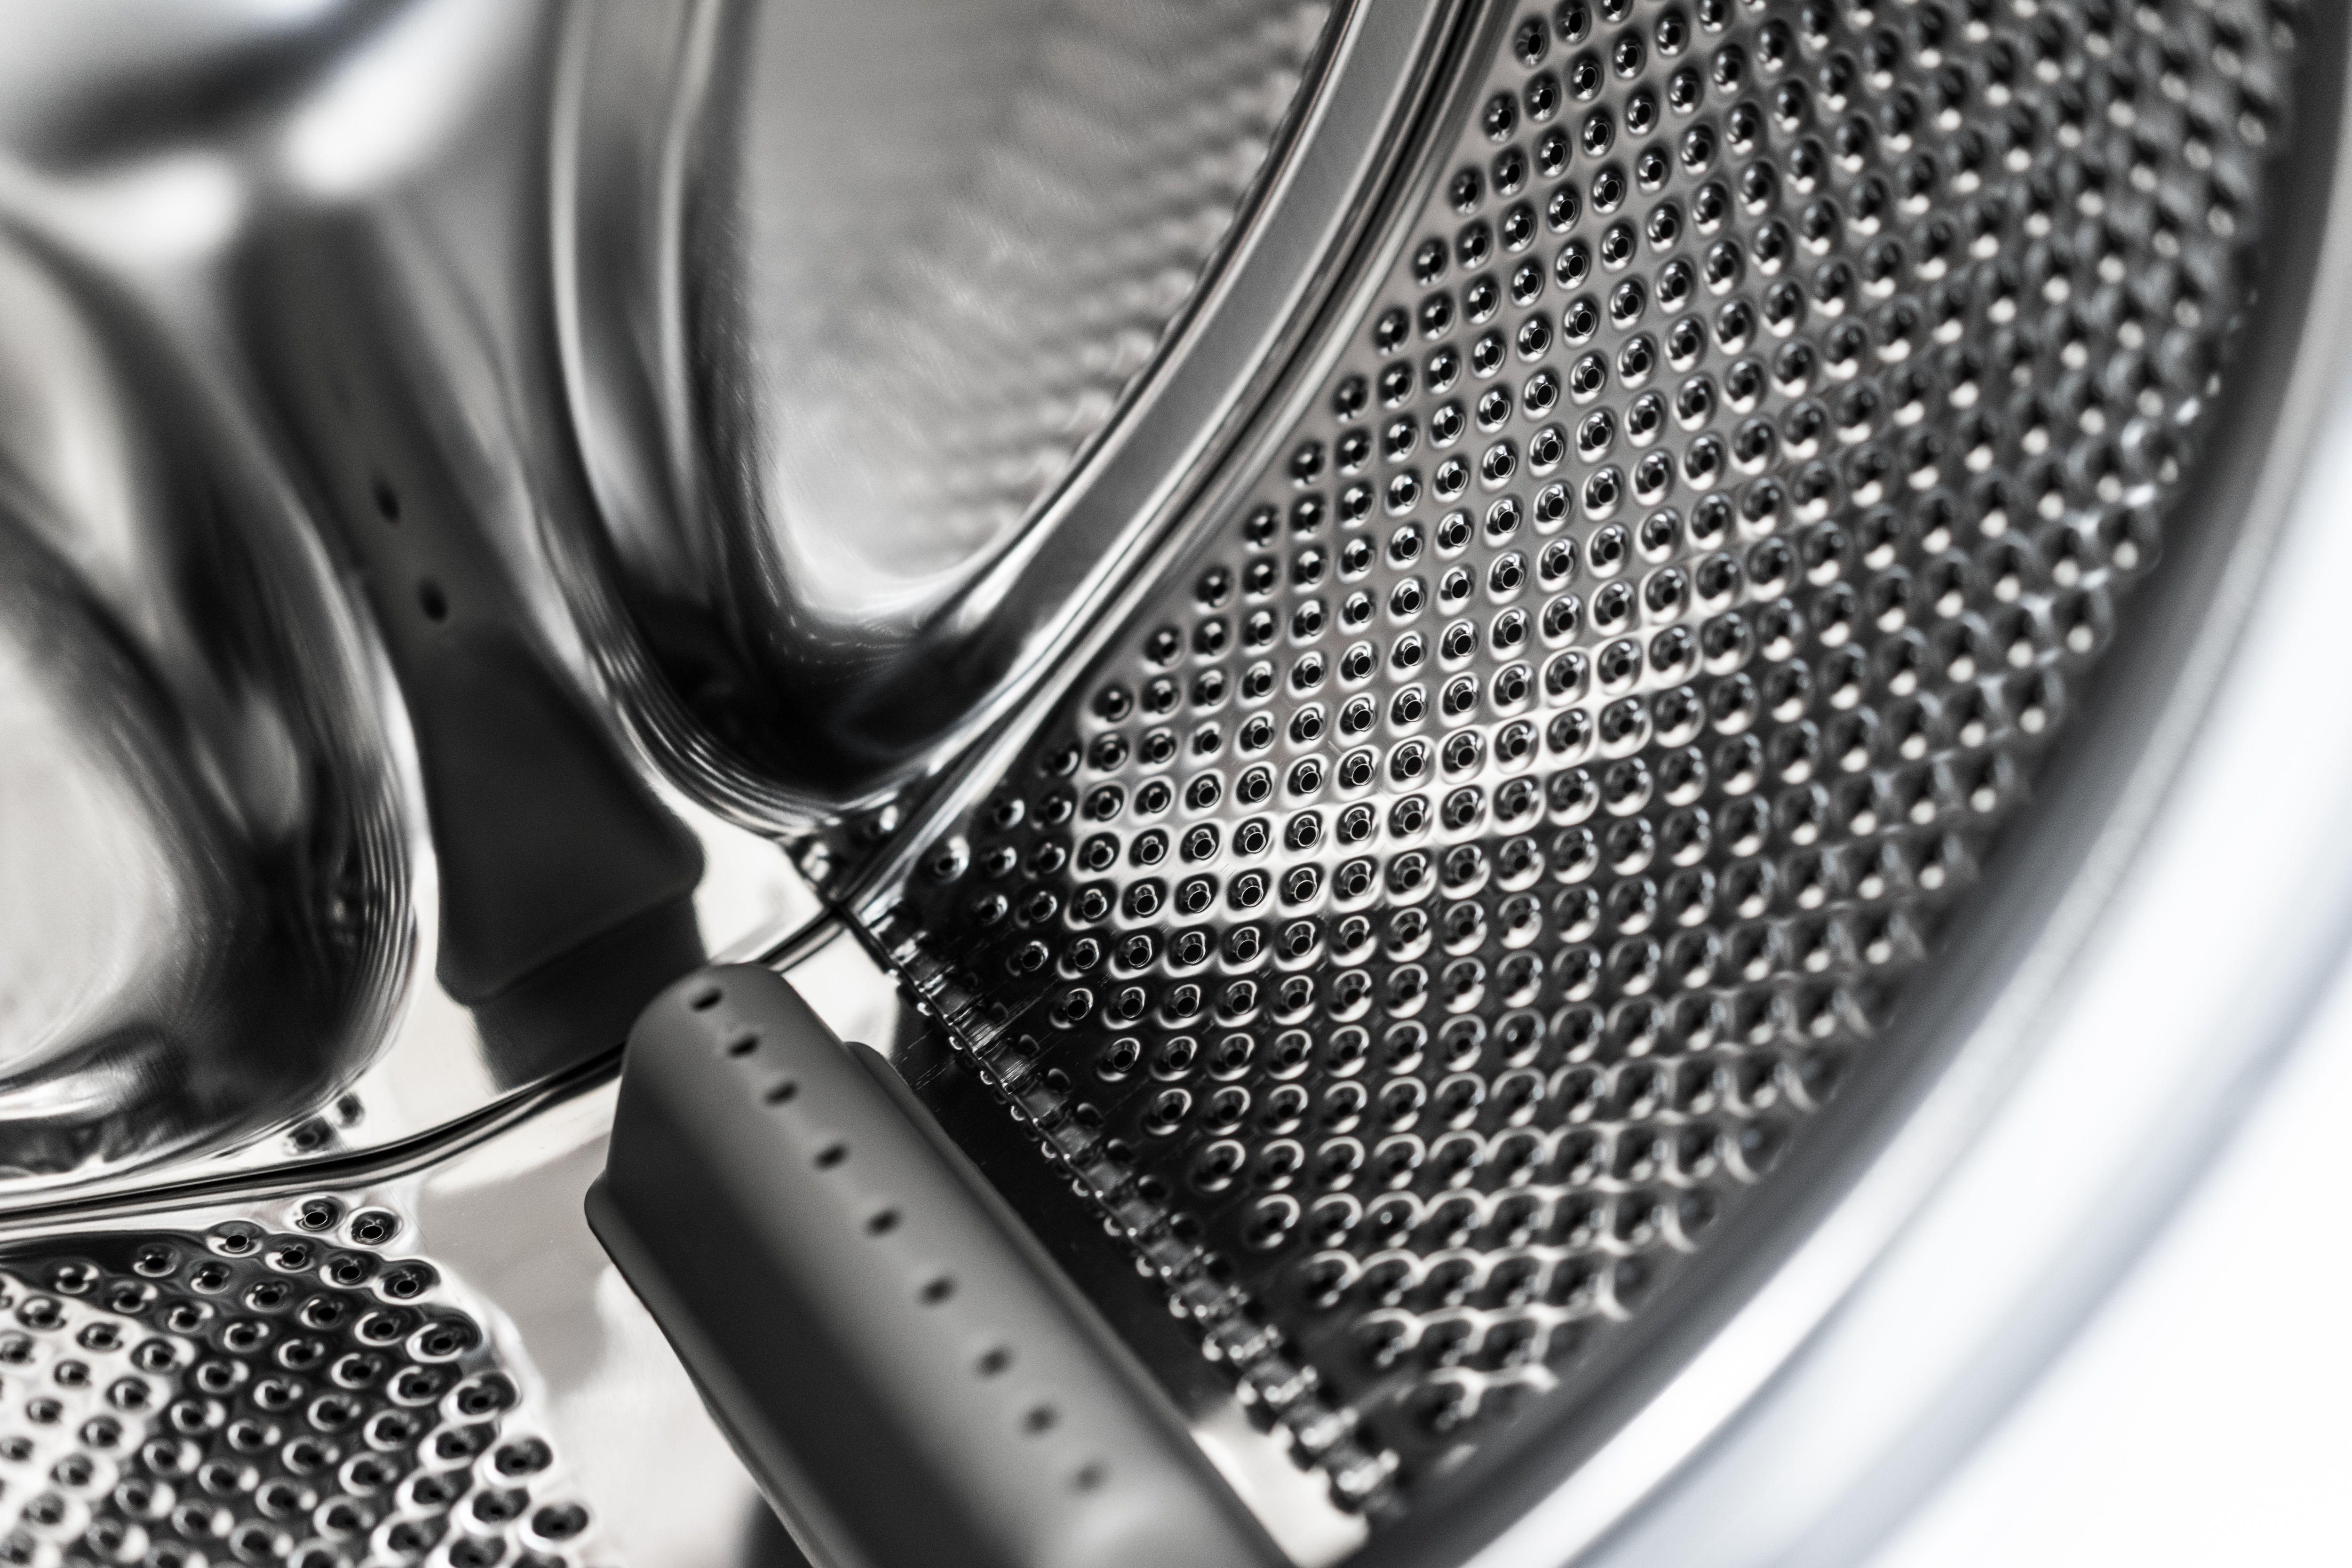 Inside Laundromat Washing Machine Drum Interior View Free Stock Photo